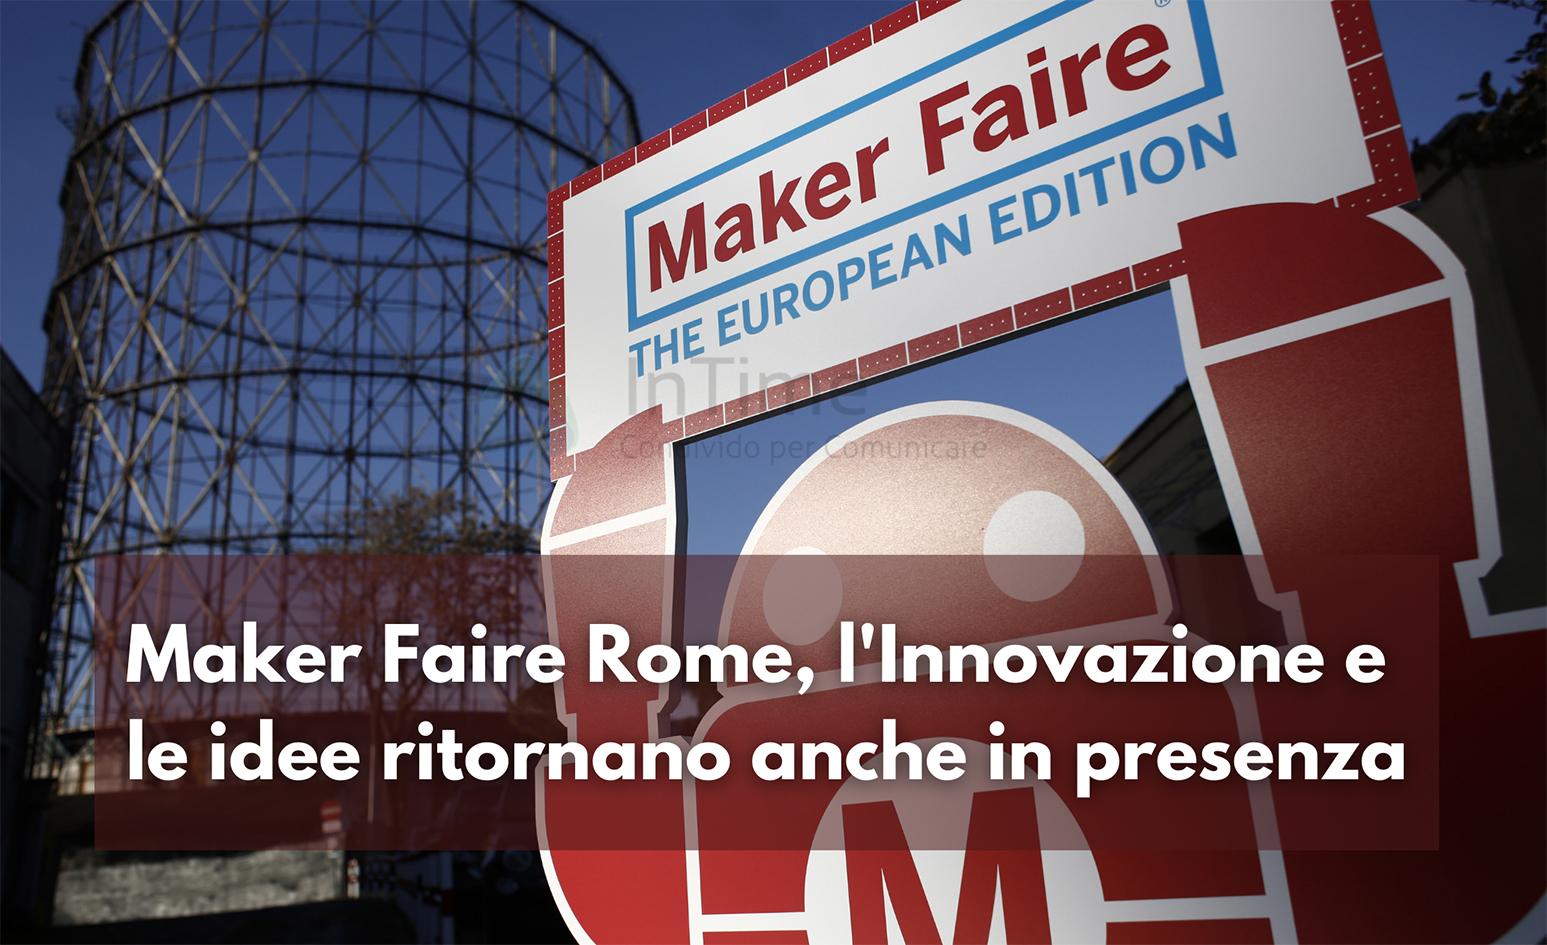 Maker Faire Rome, l'Innovazione ritorna anche in presenza